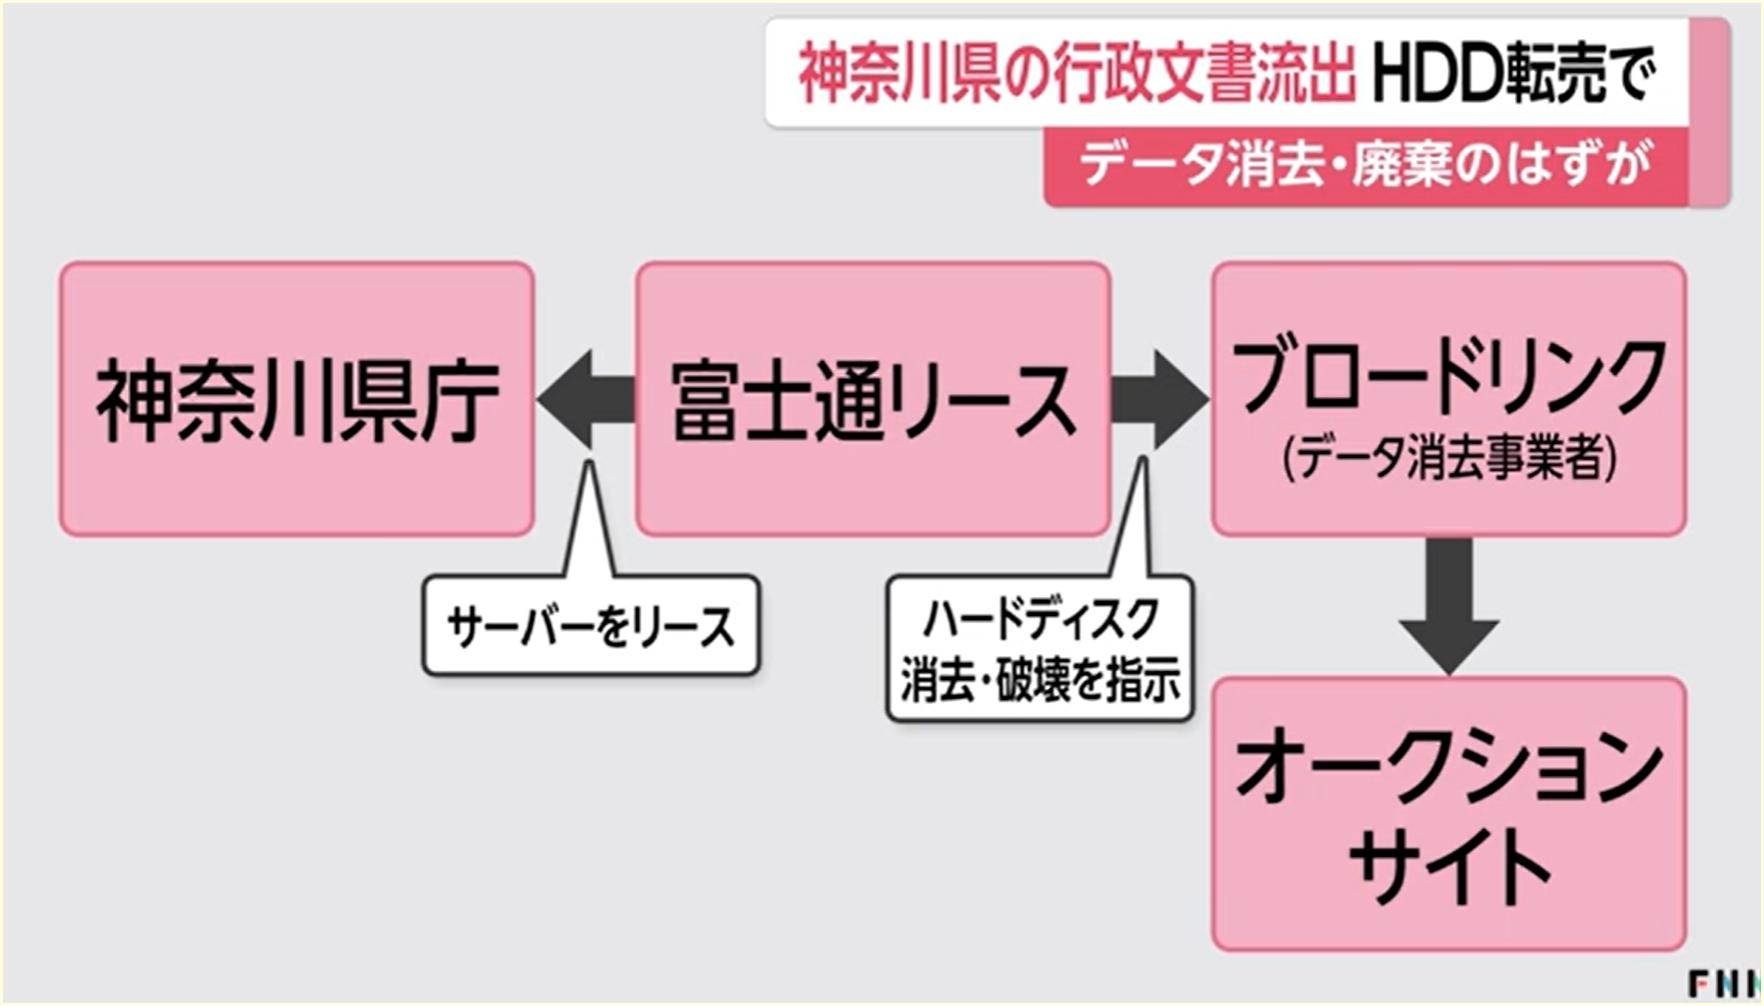 高橋雄一,顔画像,Facebook,中途4年目,余罪,ブロードリンク,HDD窃盗事件